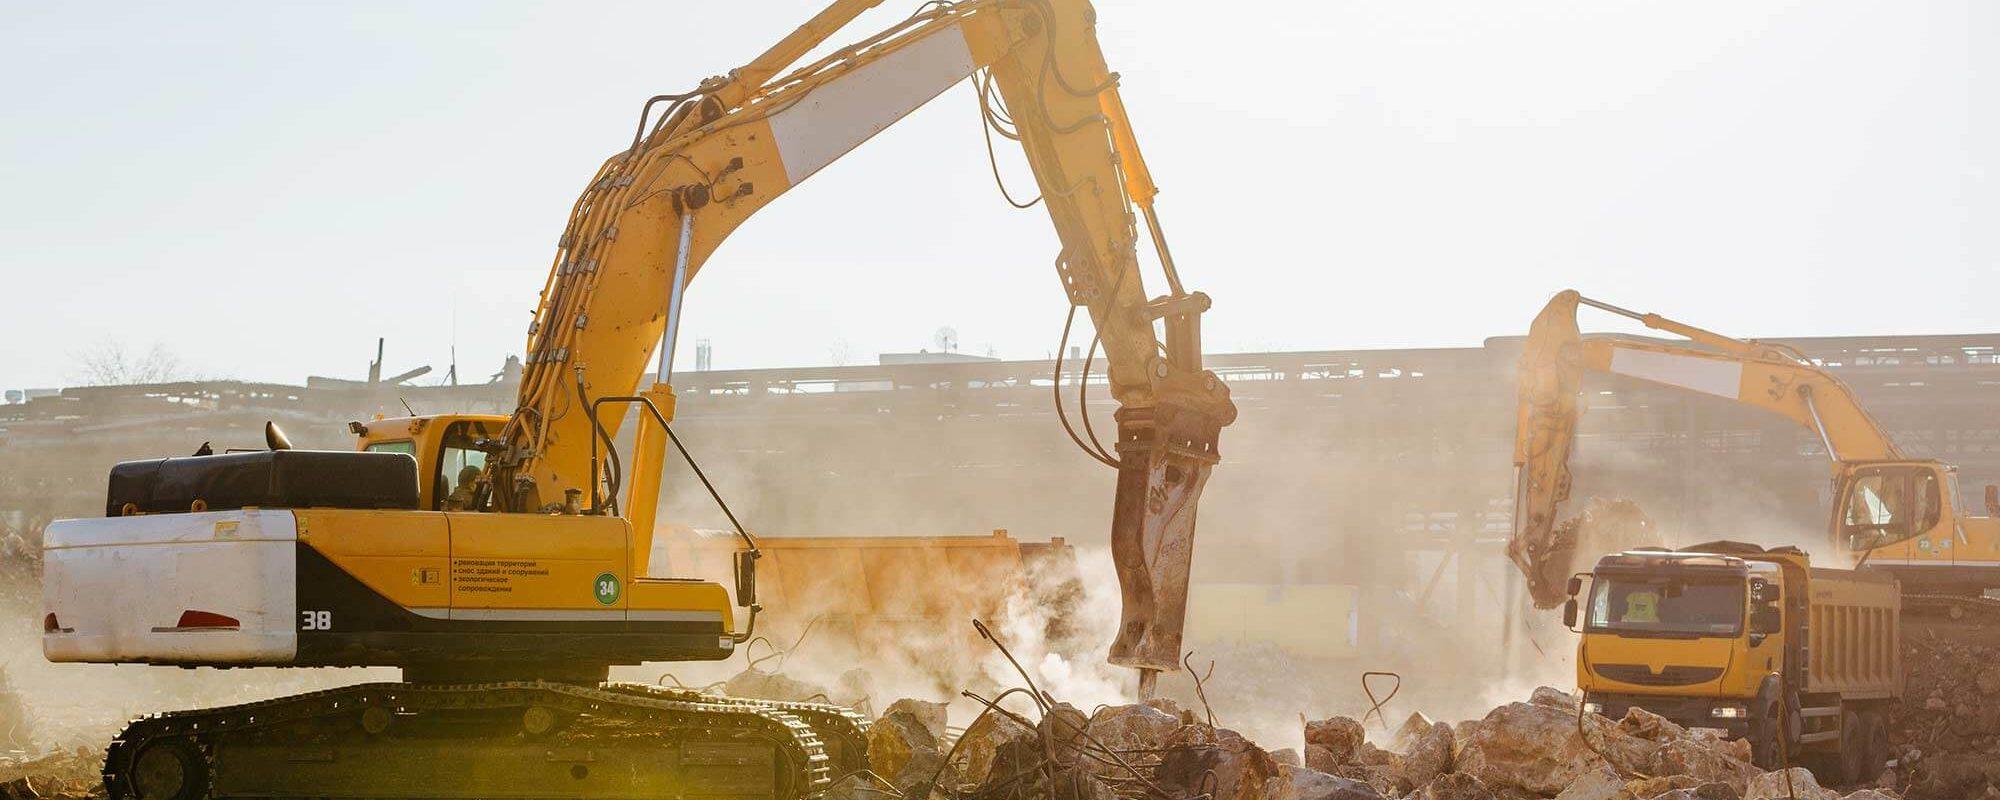 Nous disposons d'engins adaptés aux travaux de démolition de bâtiment et d'un personnel qualifié.